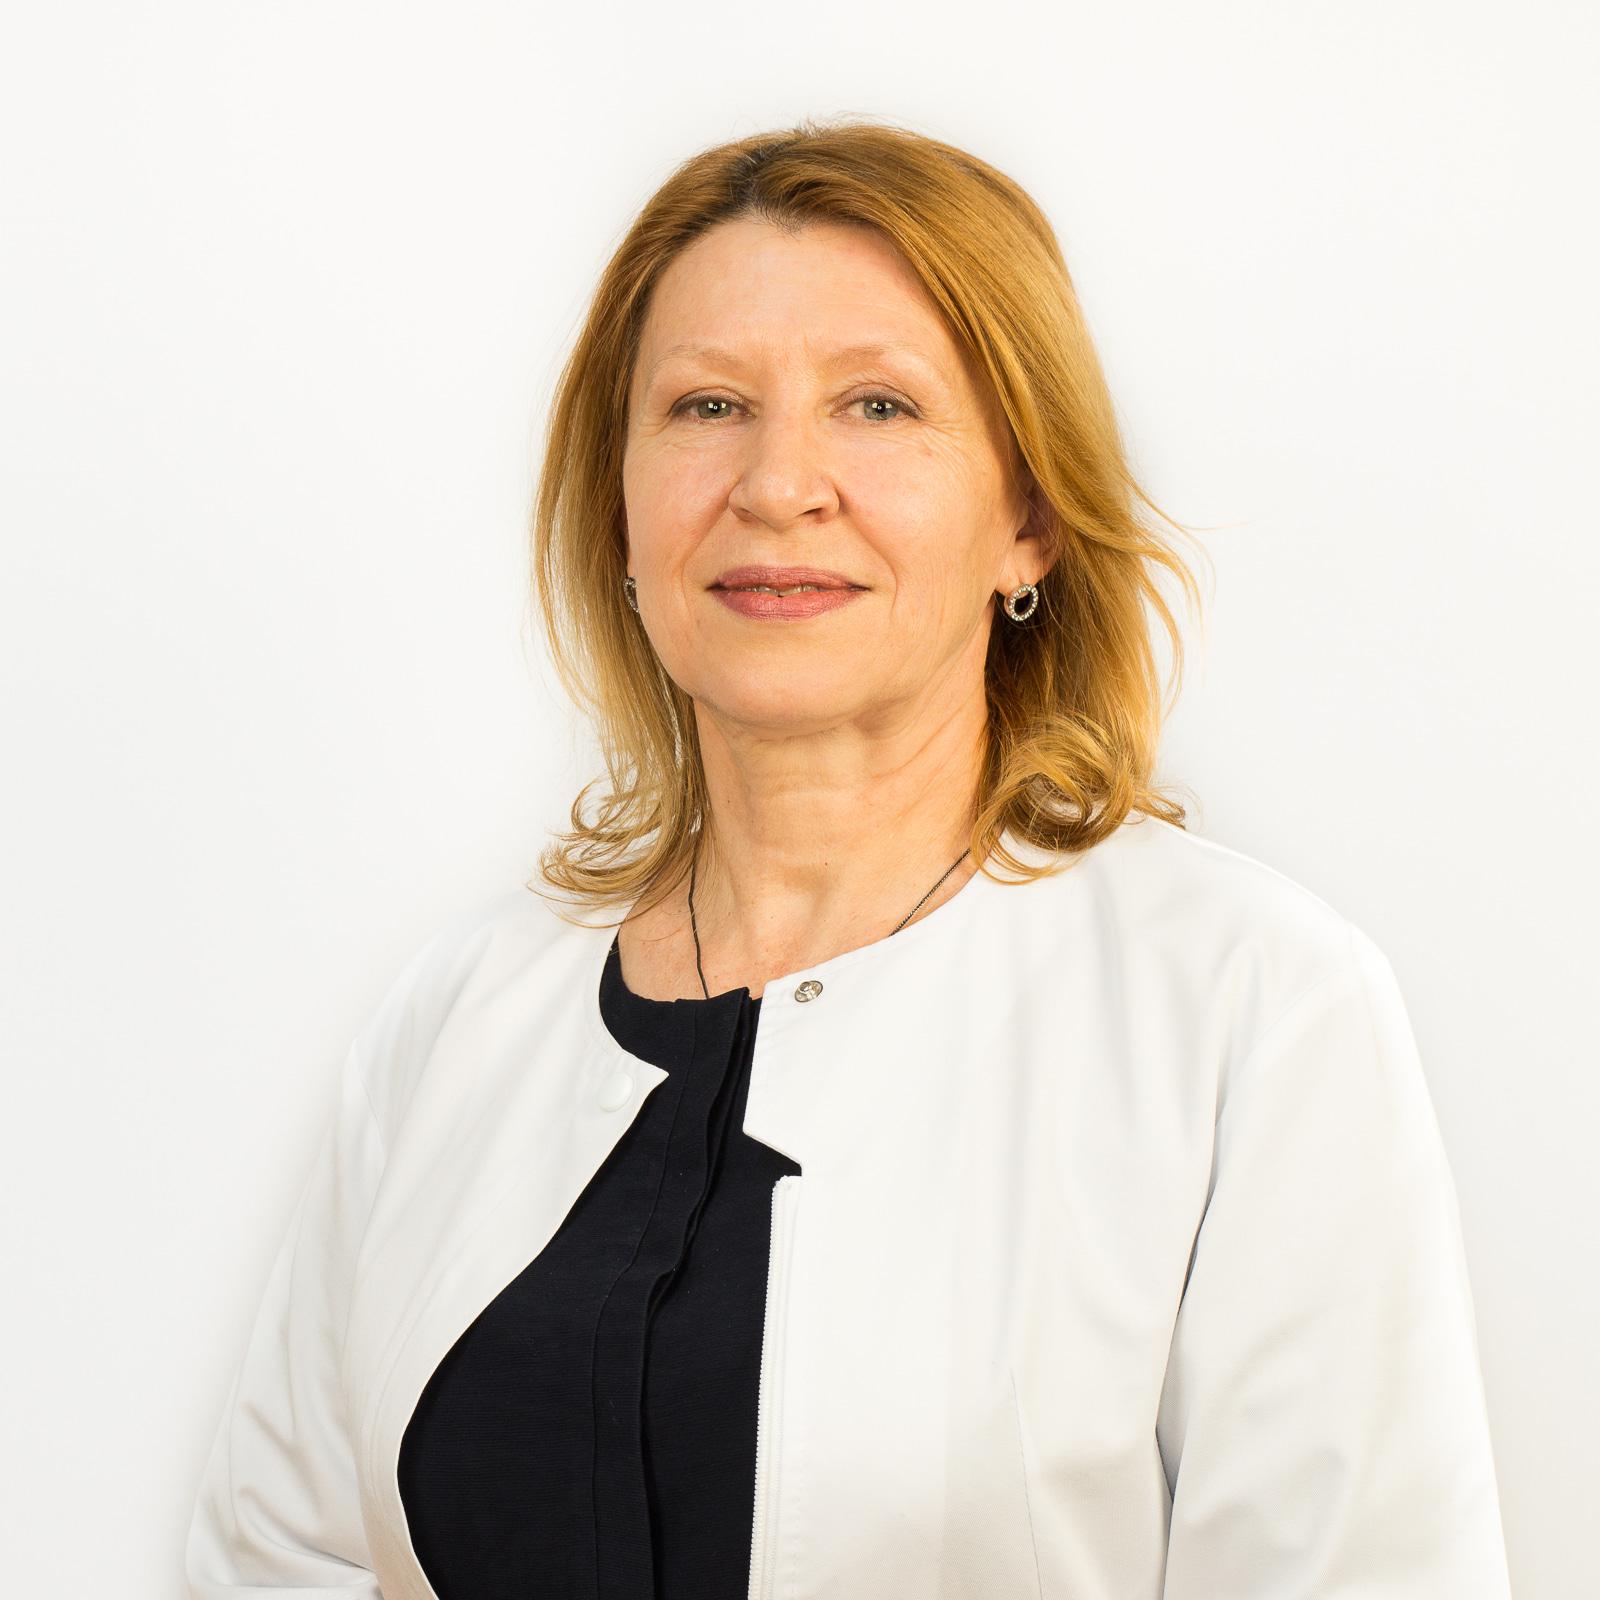 Claudia Turcu